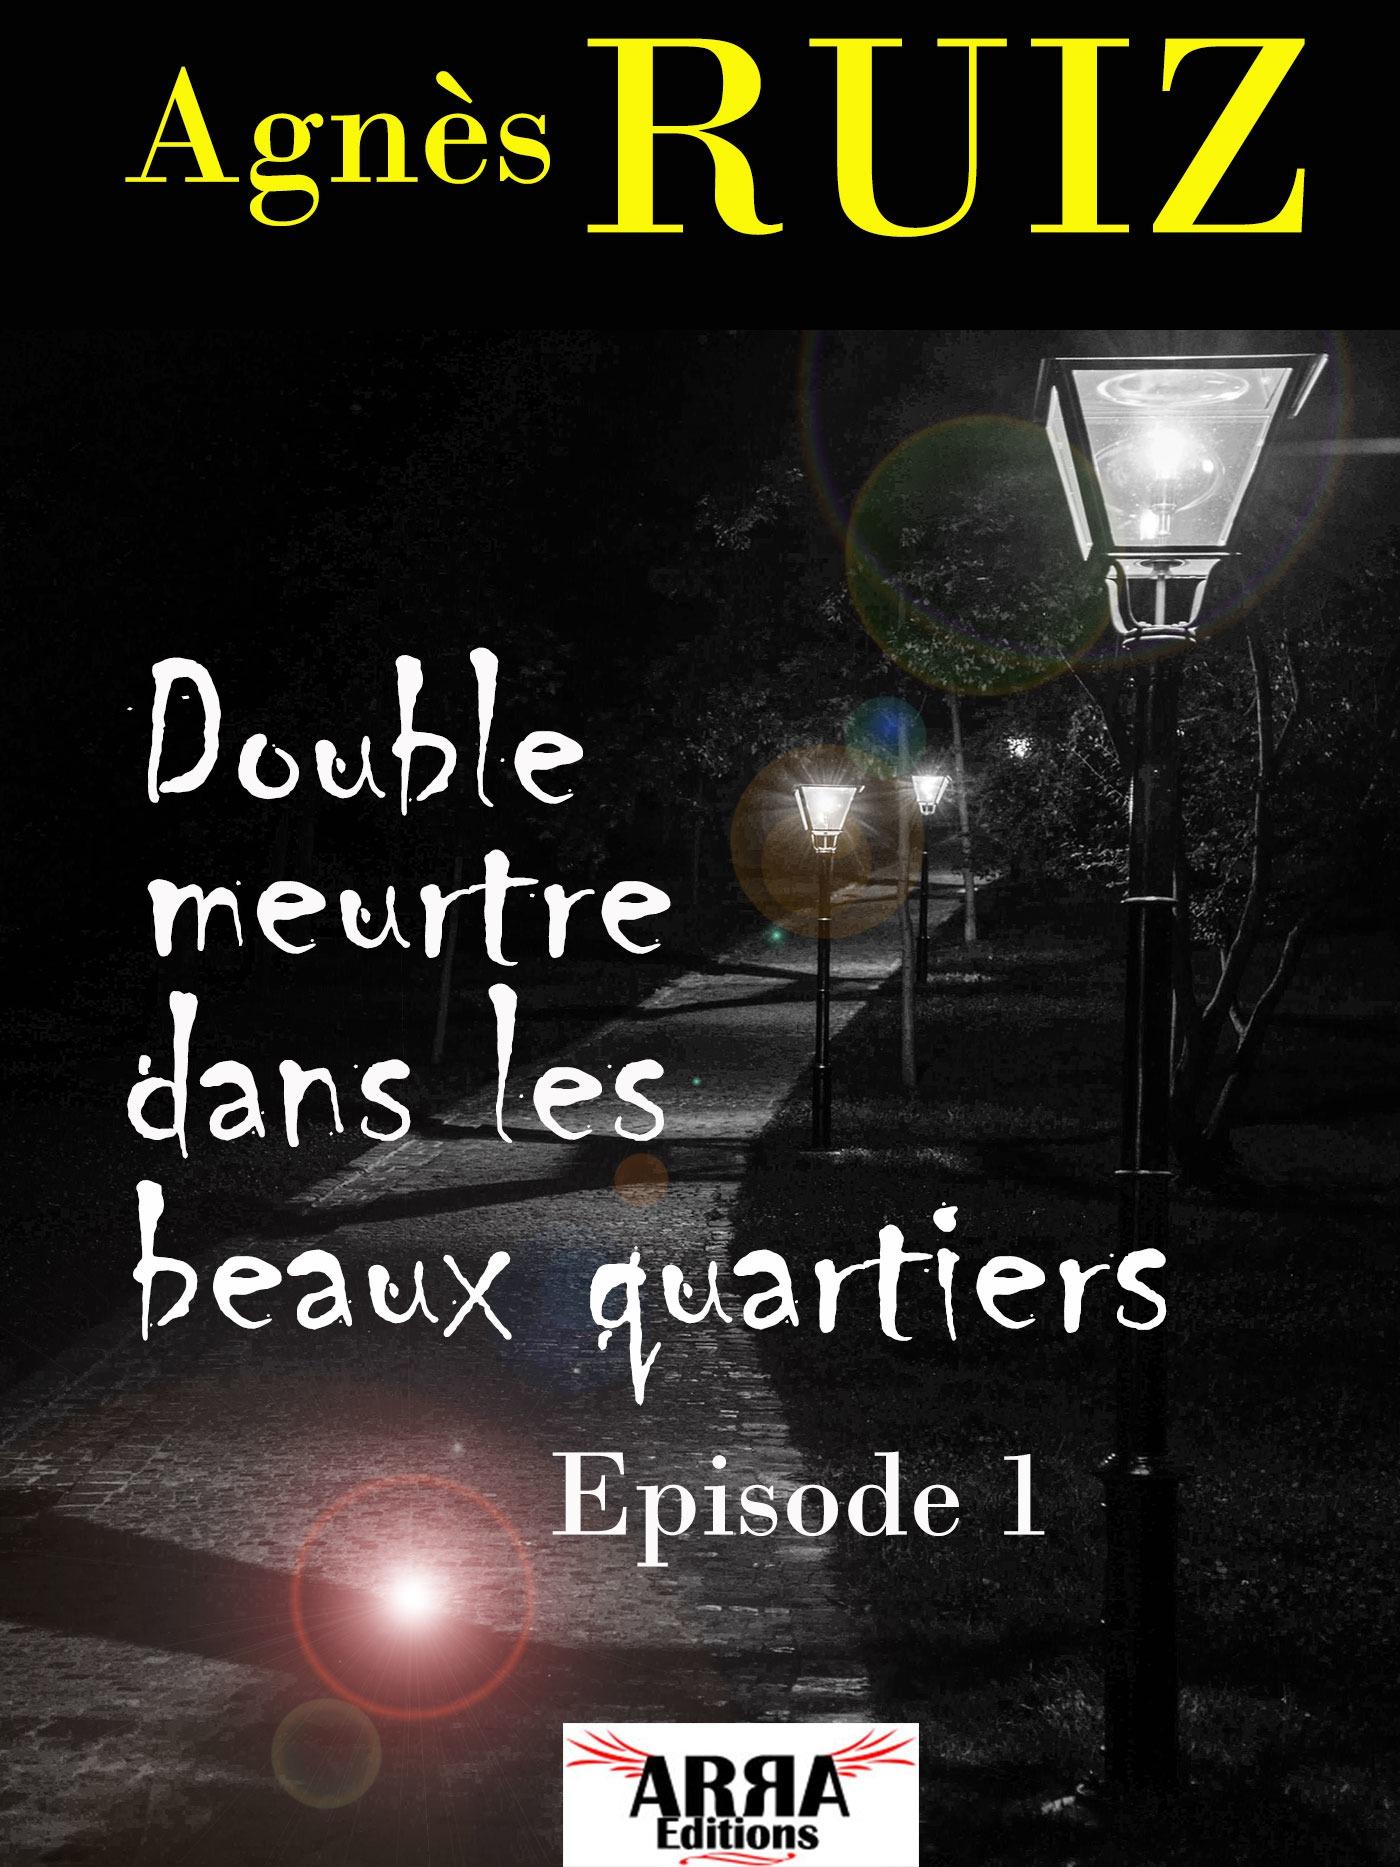 Double meurtre dans les beaux quartiers, épisode 1